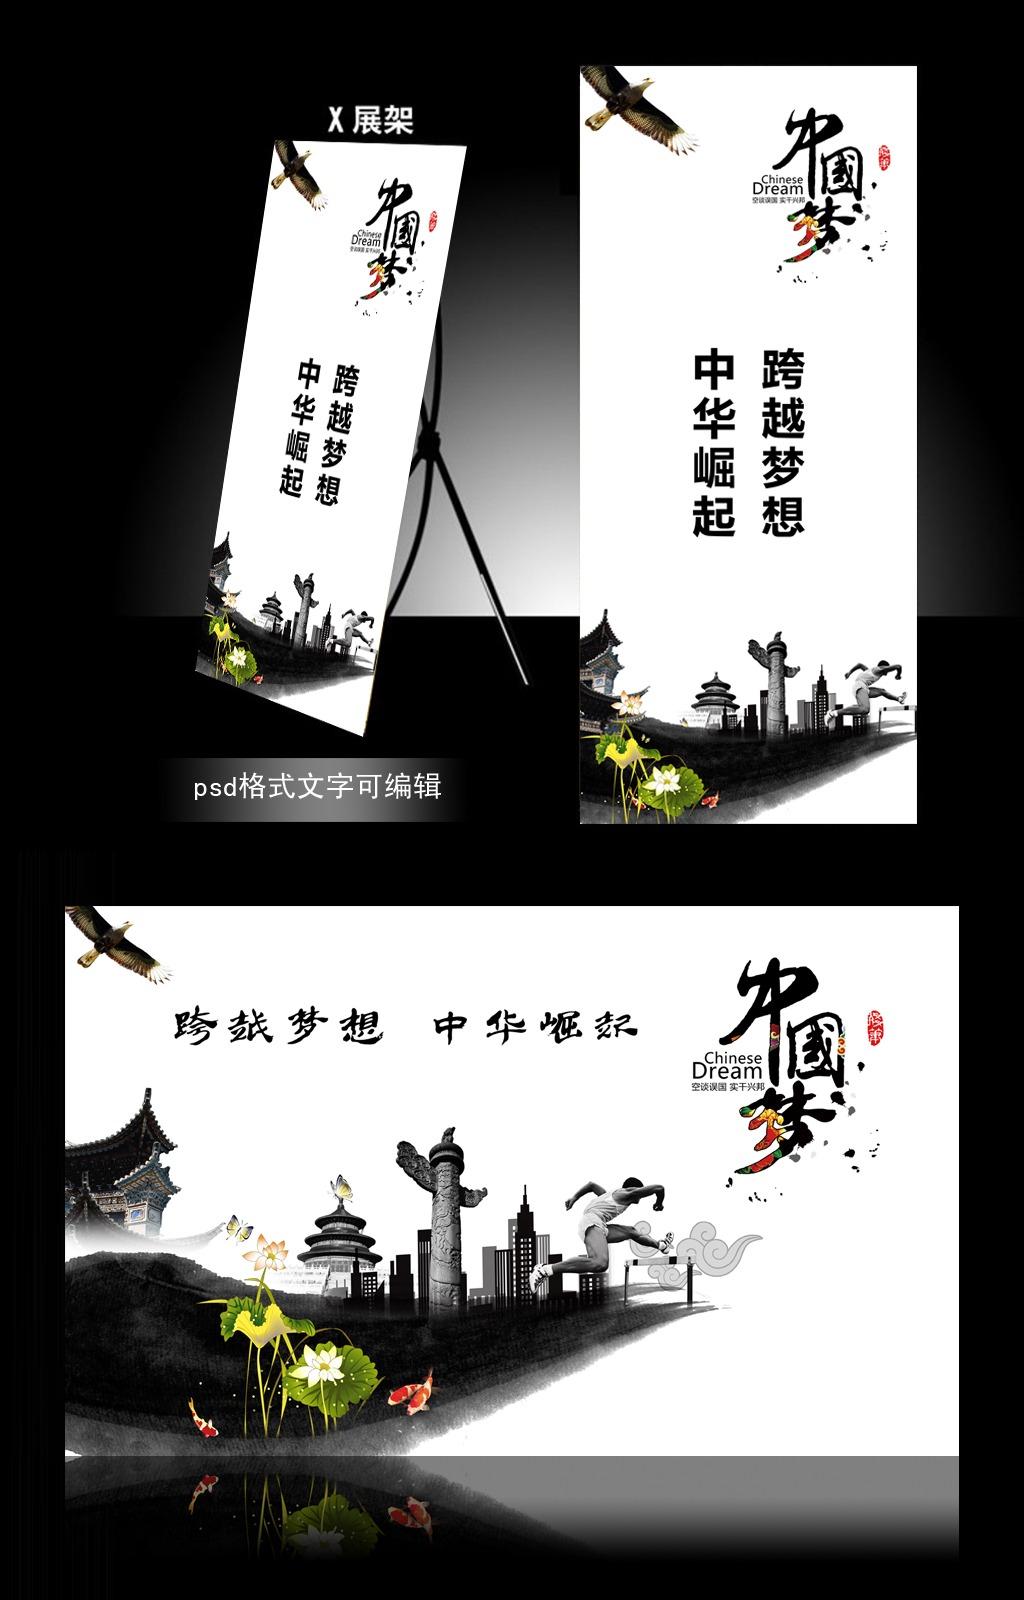 梦水墨宣传展板图片下载